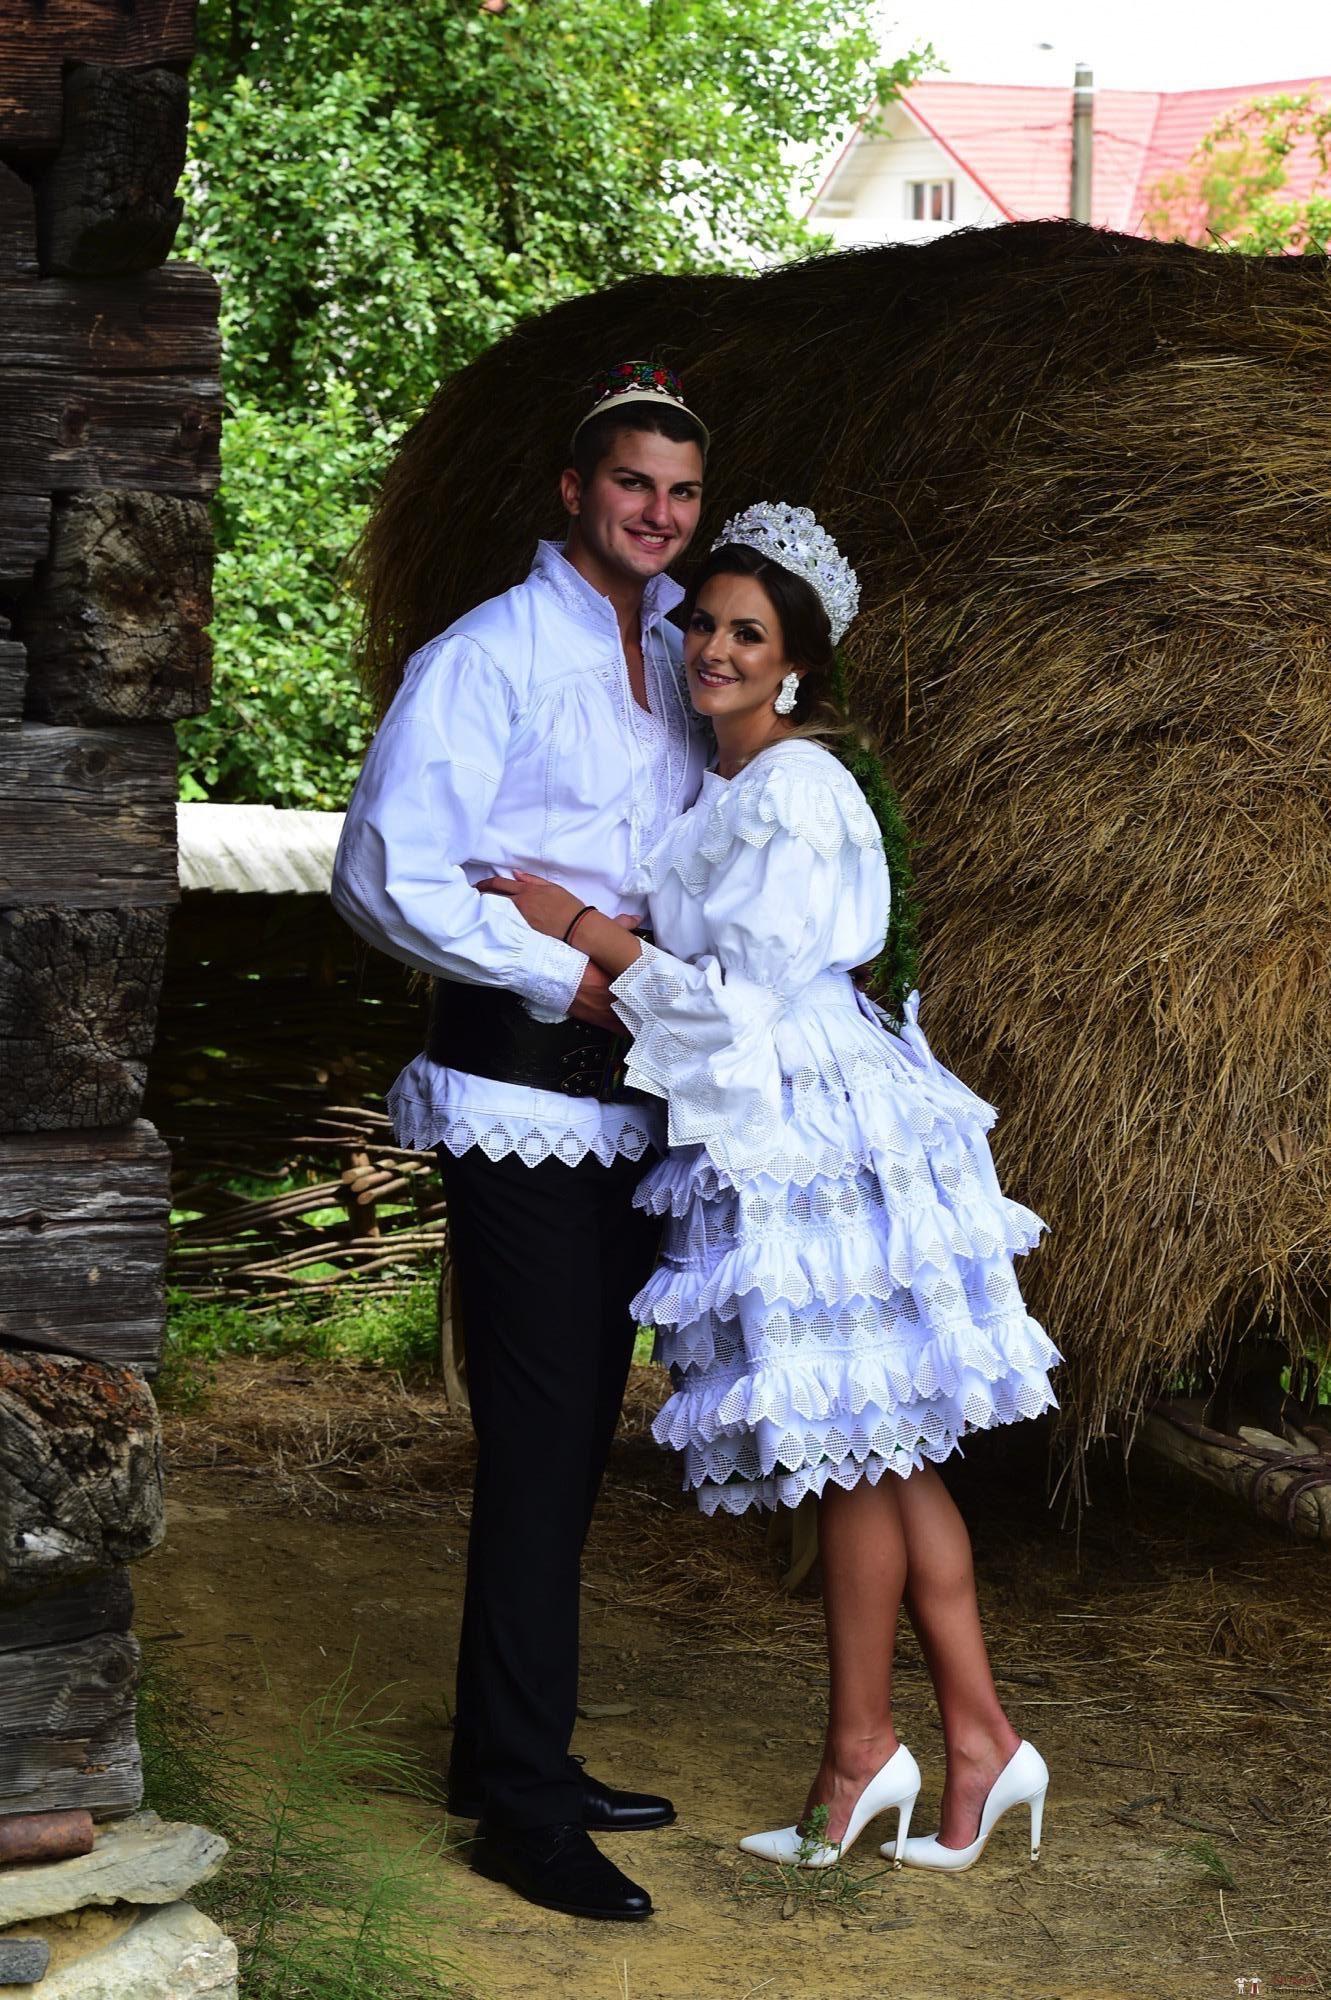 Povești Nunți Tradiționale - Florentina Vlad și Lemnean Ionuț. Cununie tradițională în Baia Mare 9